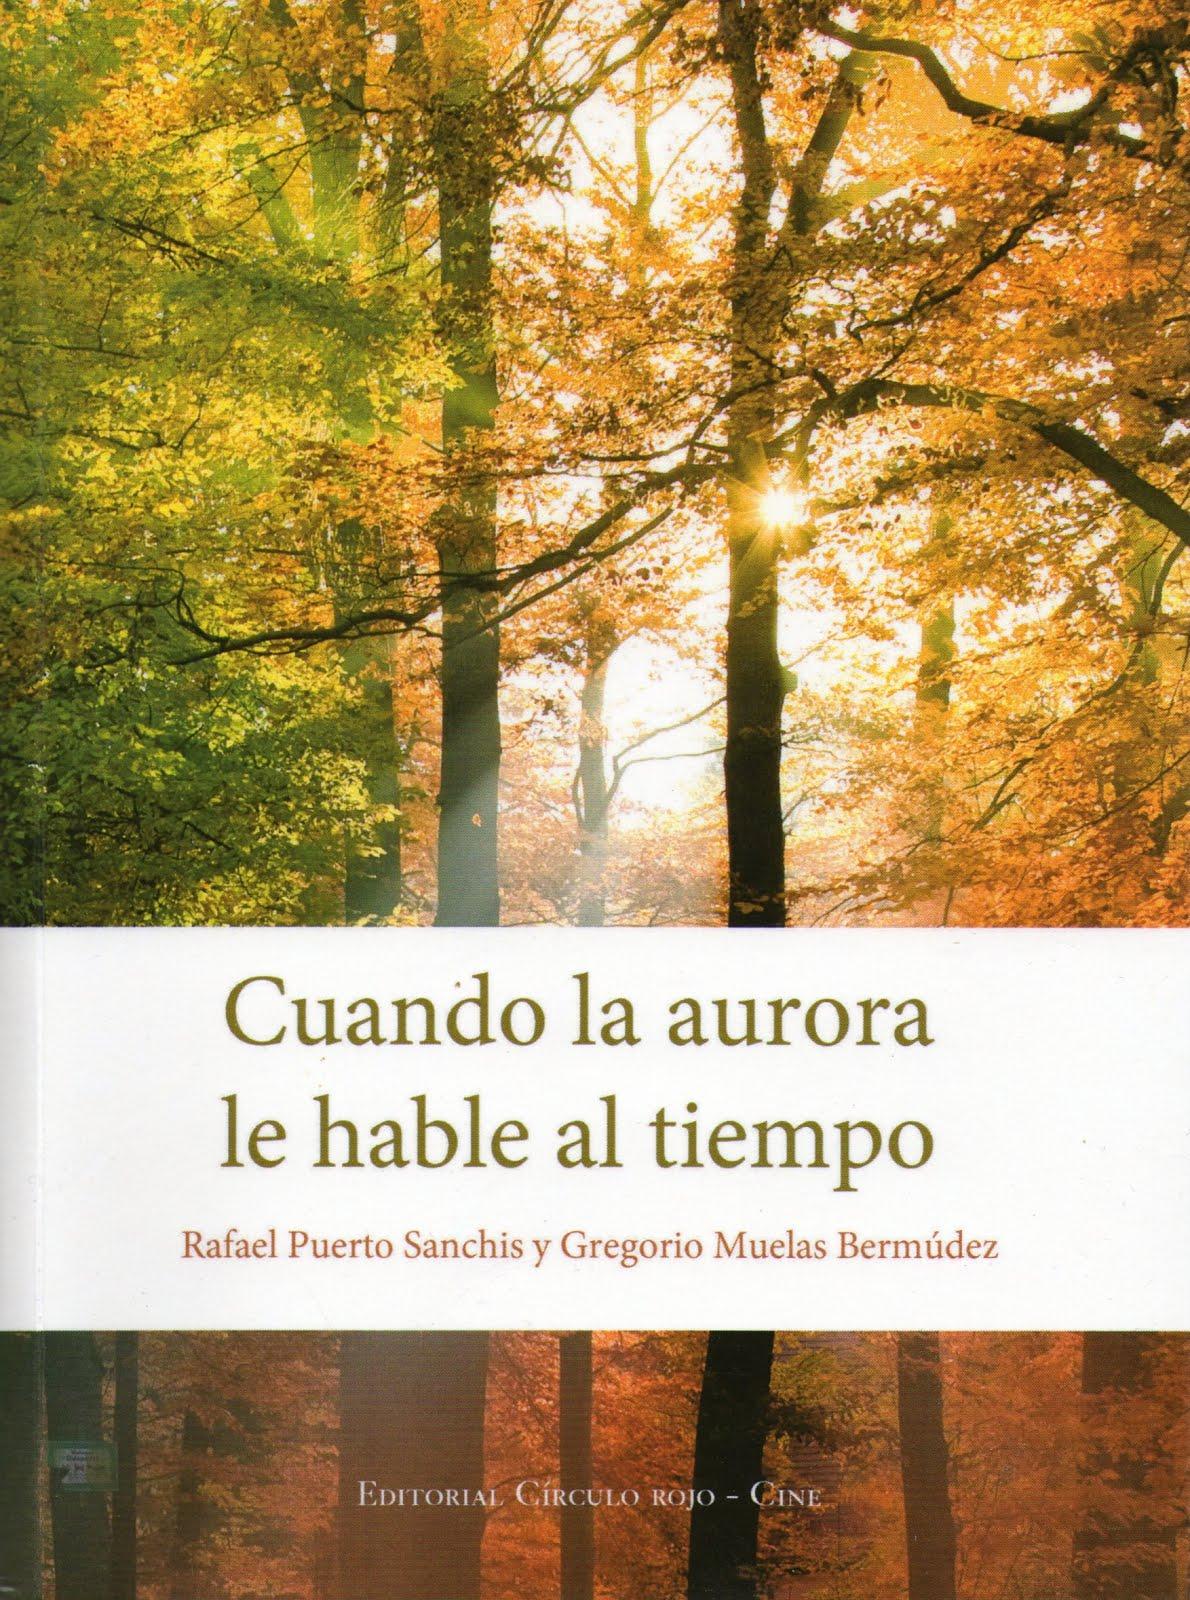 CUANDO LA AURORA LE HABLE AL TIEMPO. Rafael Puerto Sanchis y Gregorio Muelas Bermúdez